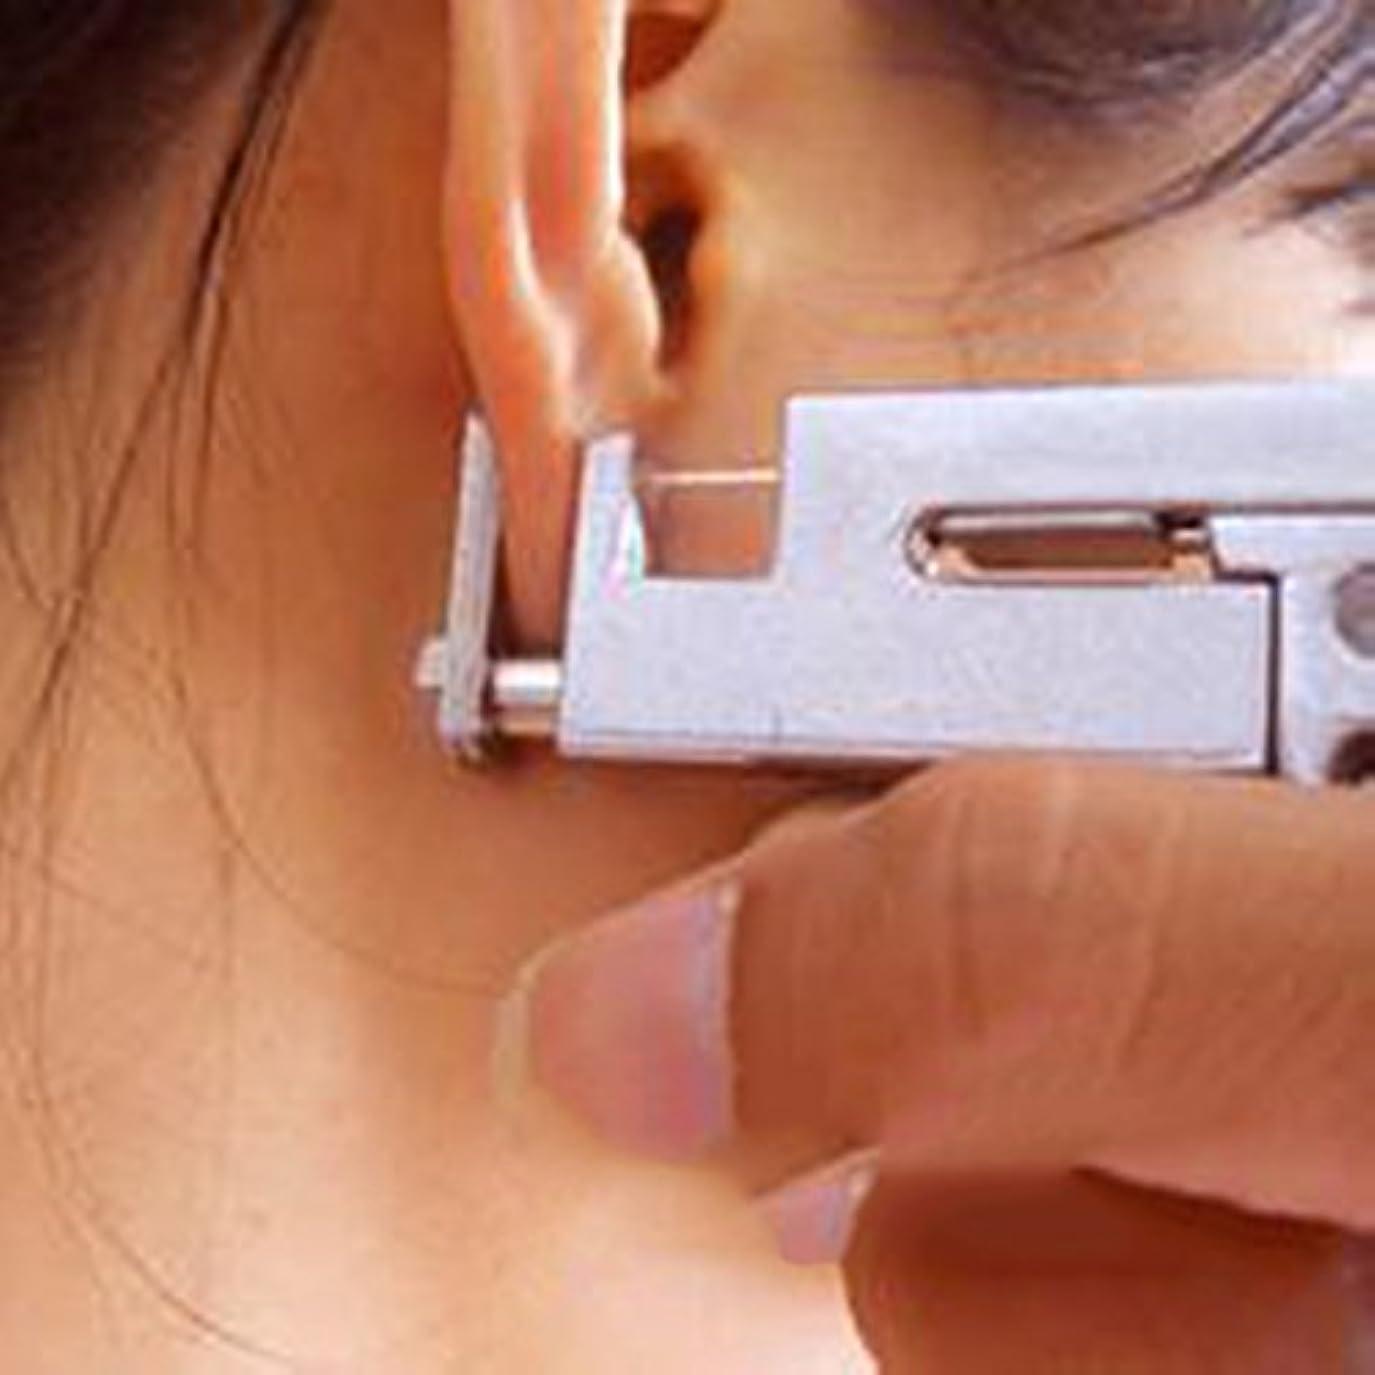 安らぎ考えるブルジョンプロの耳ボディ鼻ピアスガン 工作機械キットセット+ 98個スチールスタッド 使いやすい